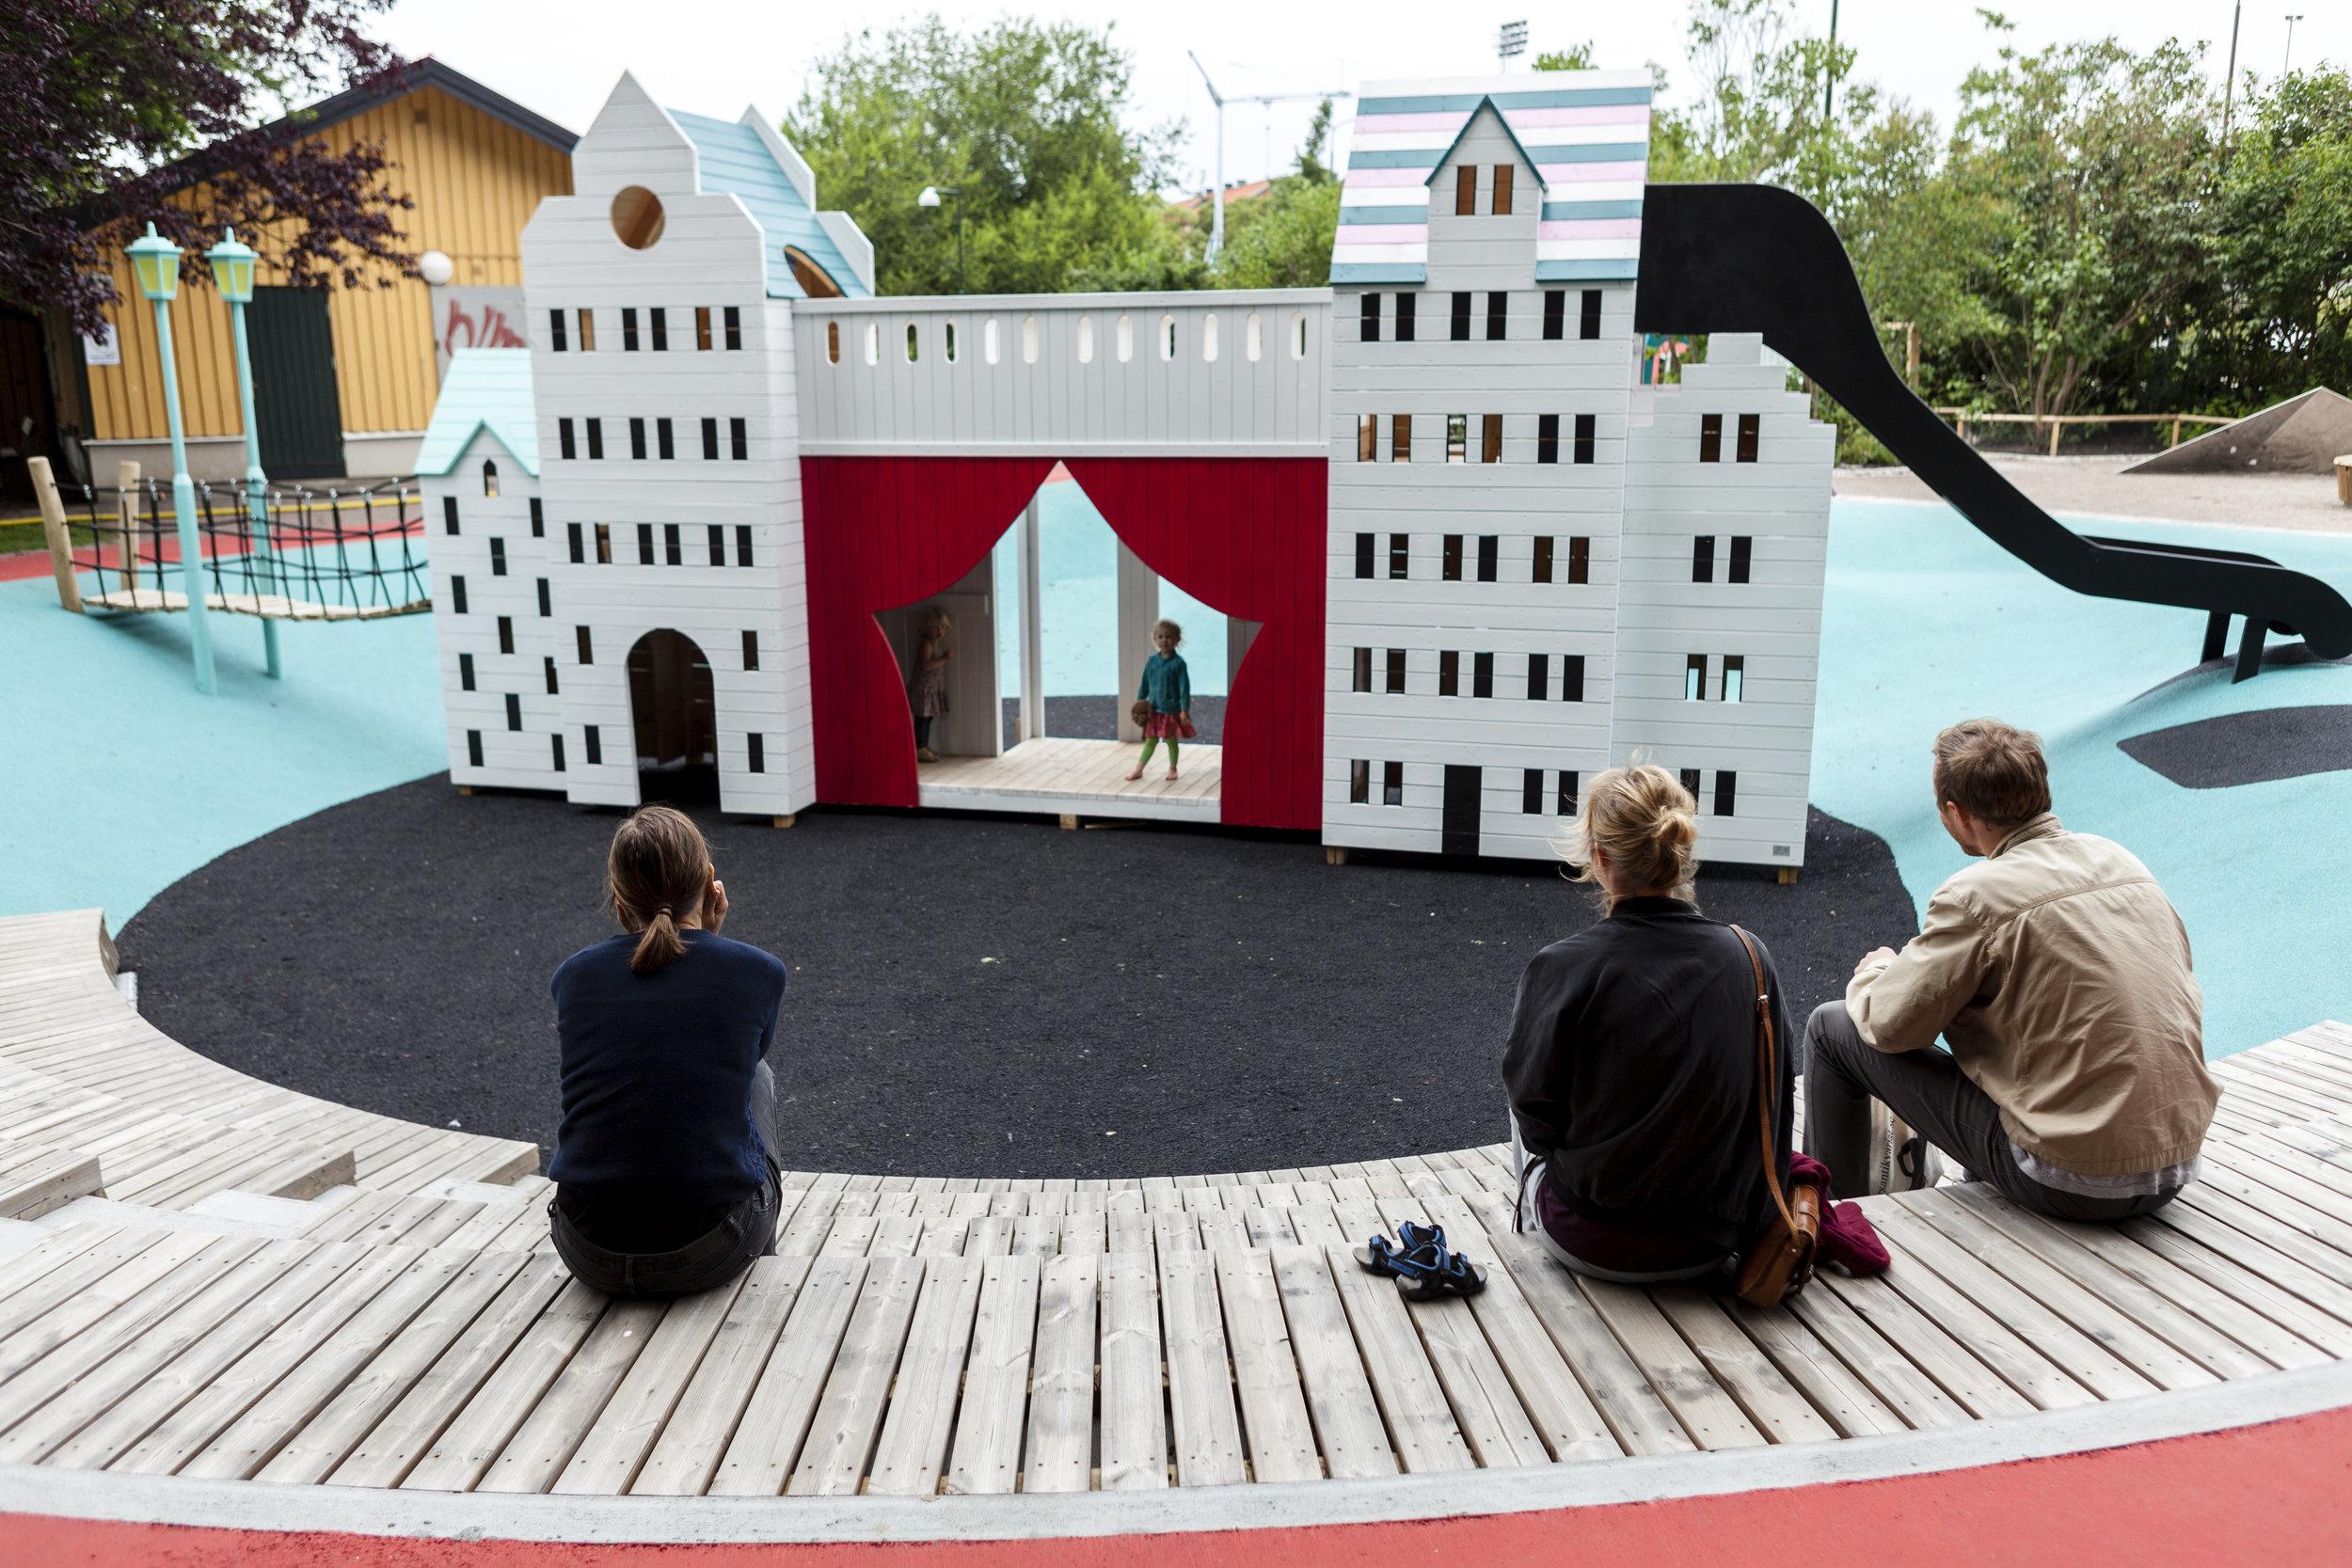 Malmö. Satsningen på unika temalekplatser i Malmö har blivit en stor succe både inom och utanför staden. Målsättningen med temalekplatserna har varit att väcka barnens intresse, nyfikenhet och locka till fysiska aktiviteter och stimulera deras fantasi genom spännande, unika och utmanande lekredskap.(Exempel på radikalt innovativa projekt)